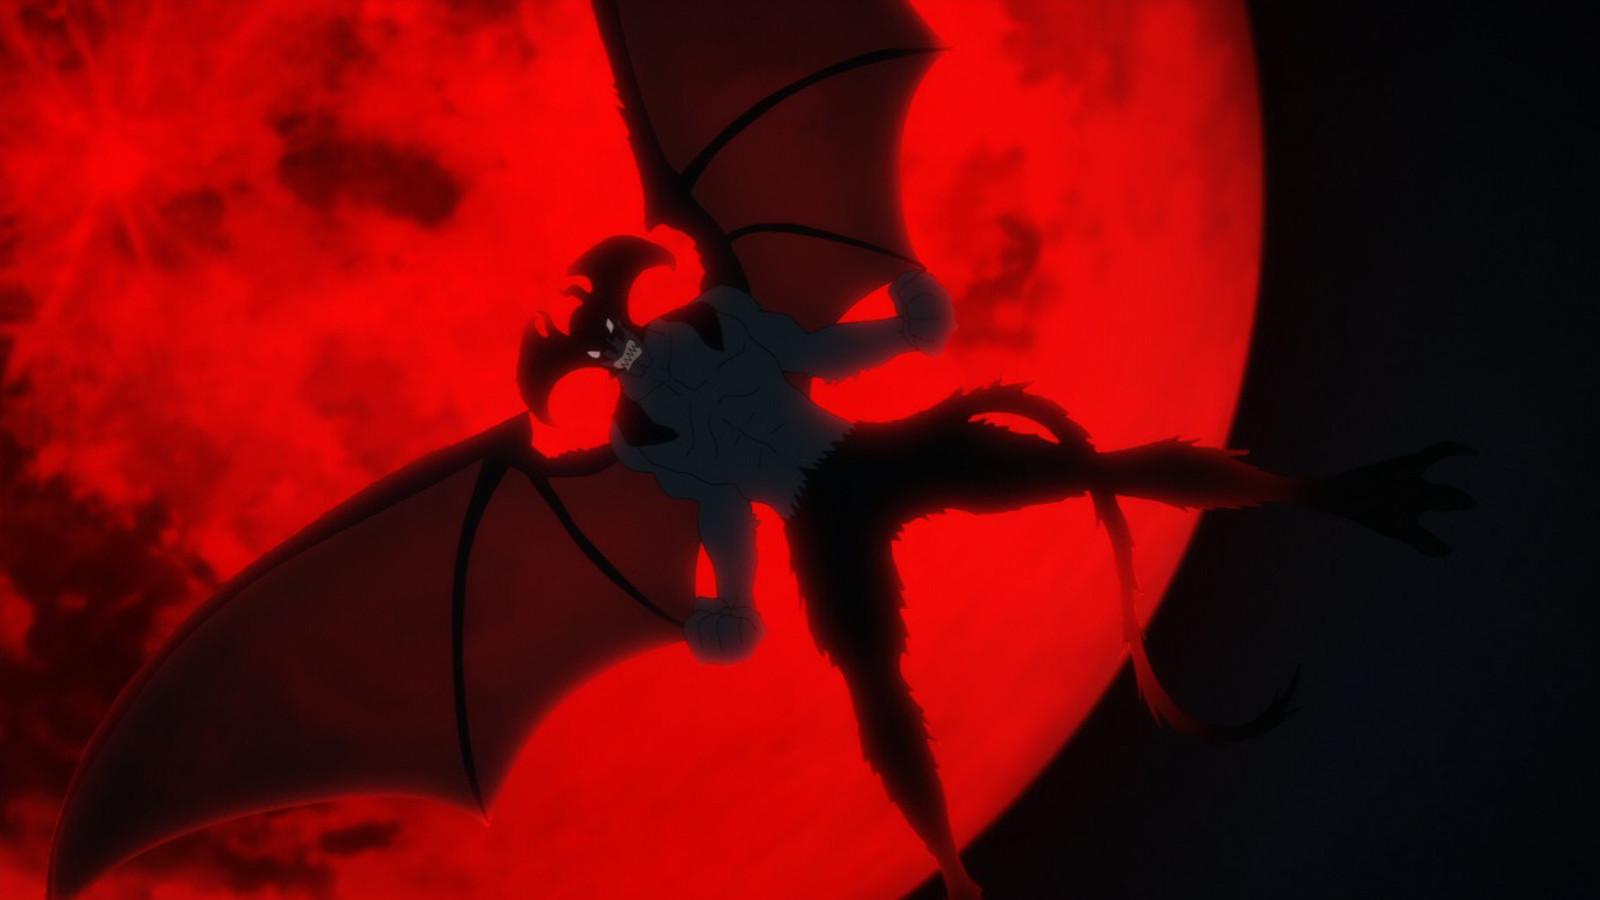 Devilman Crybaby Bild 9 Von 10 Filmstartsde